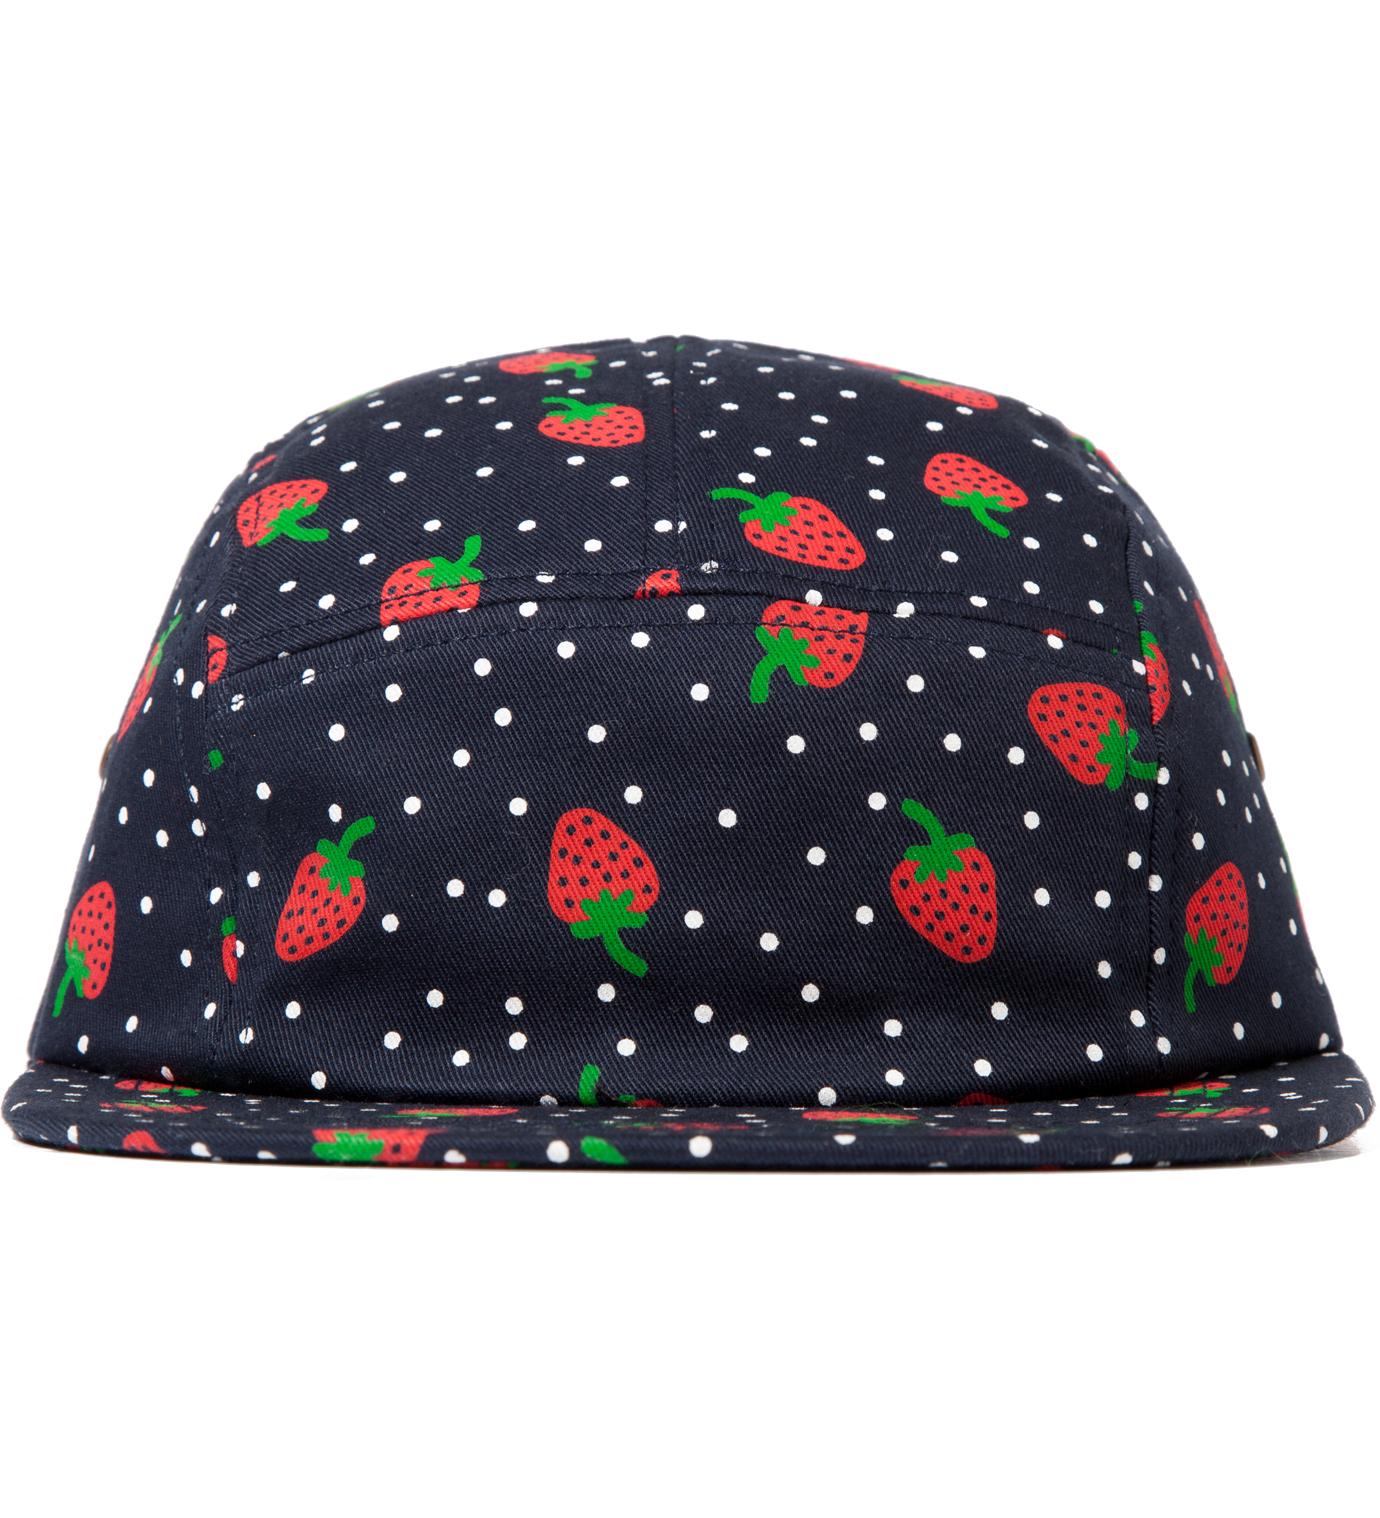 ONLY NY Navy Strawberry 5 Panel Cap